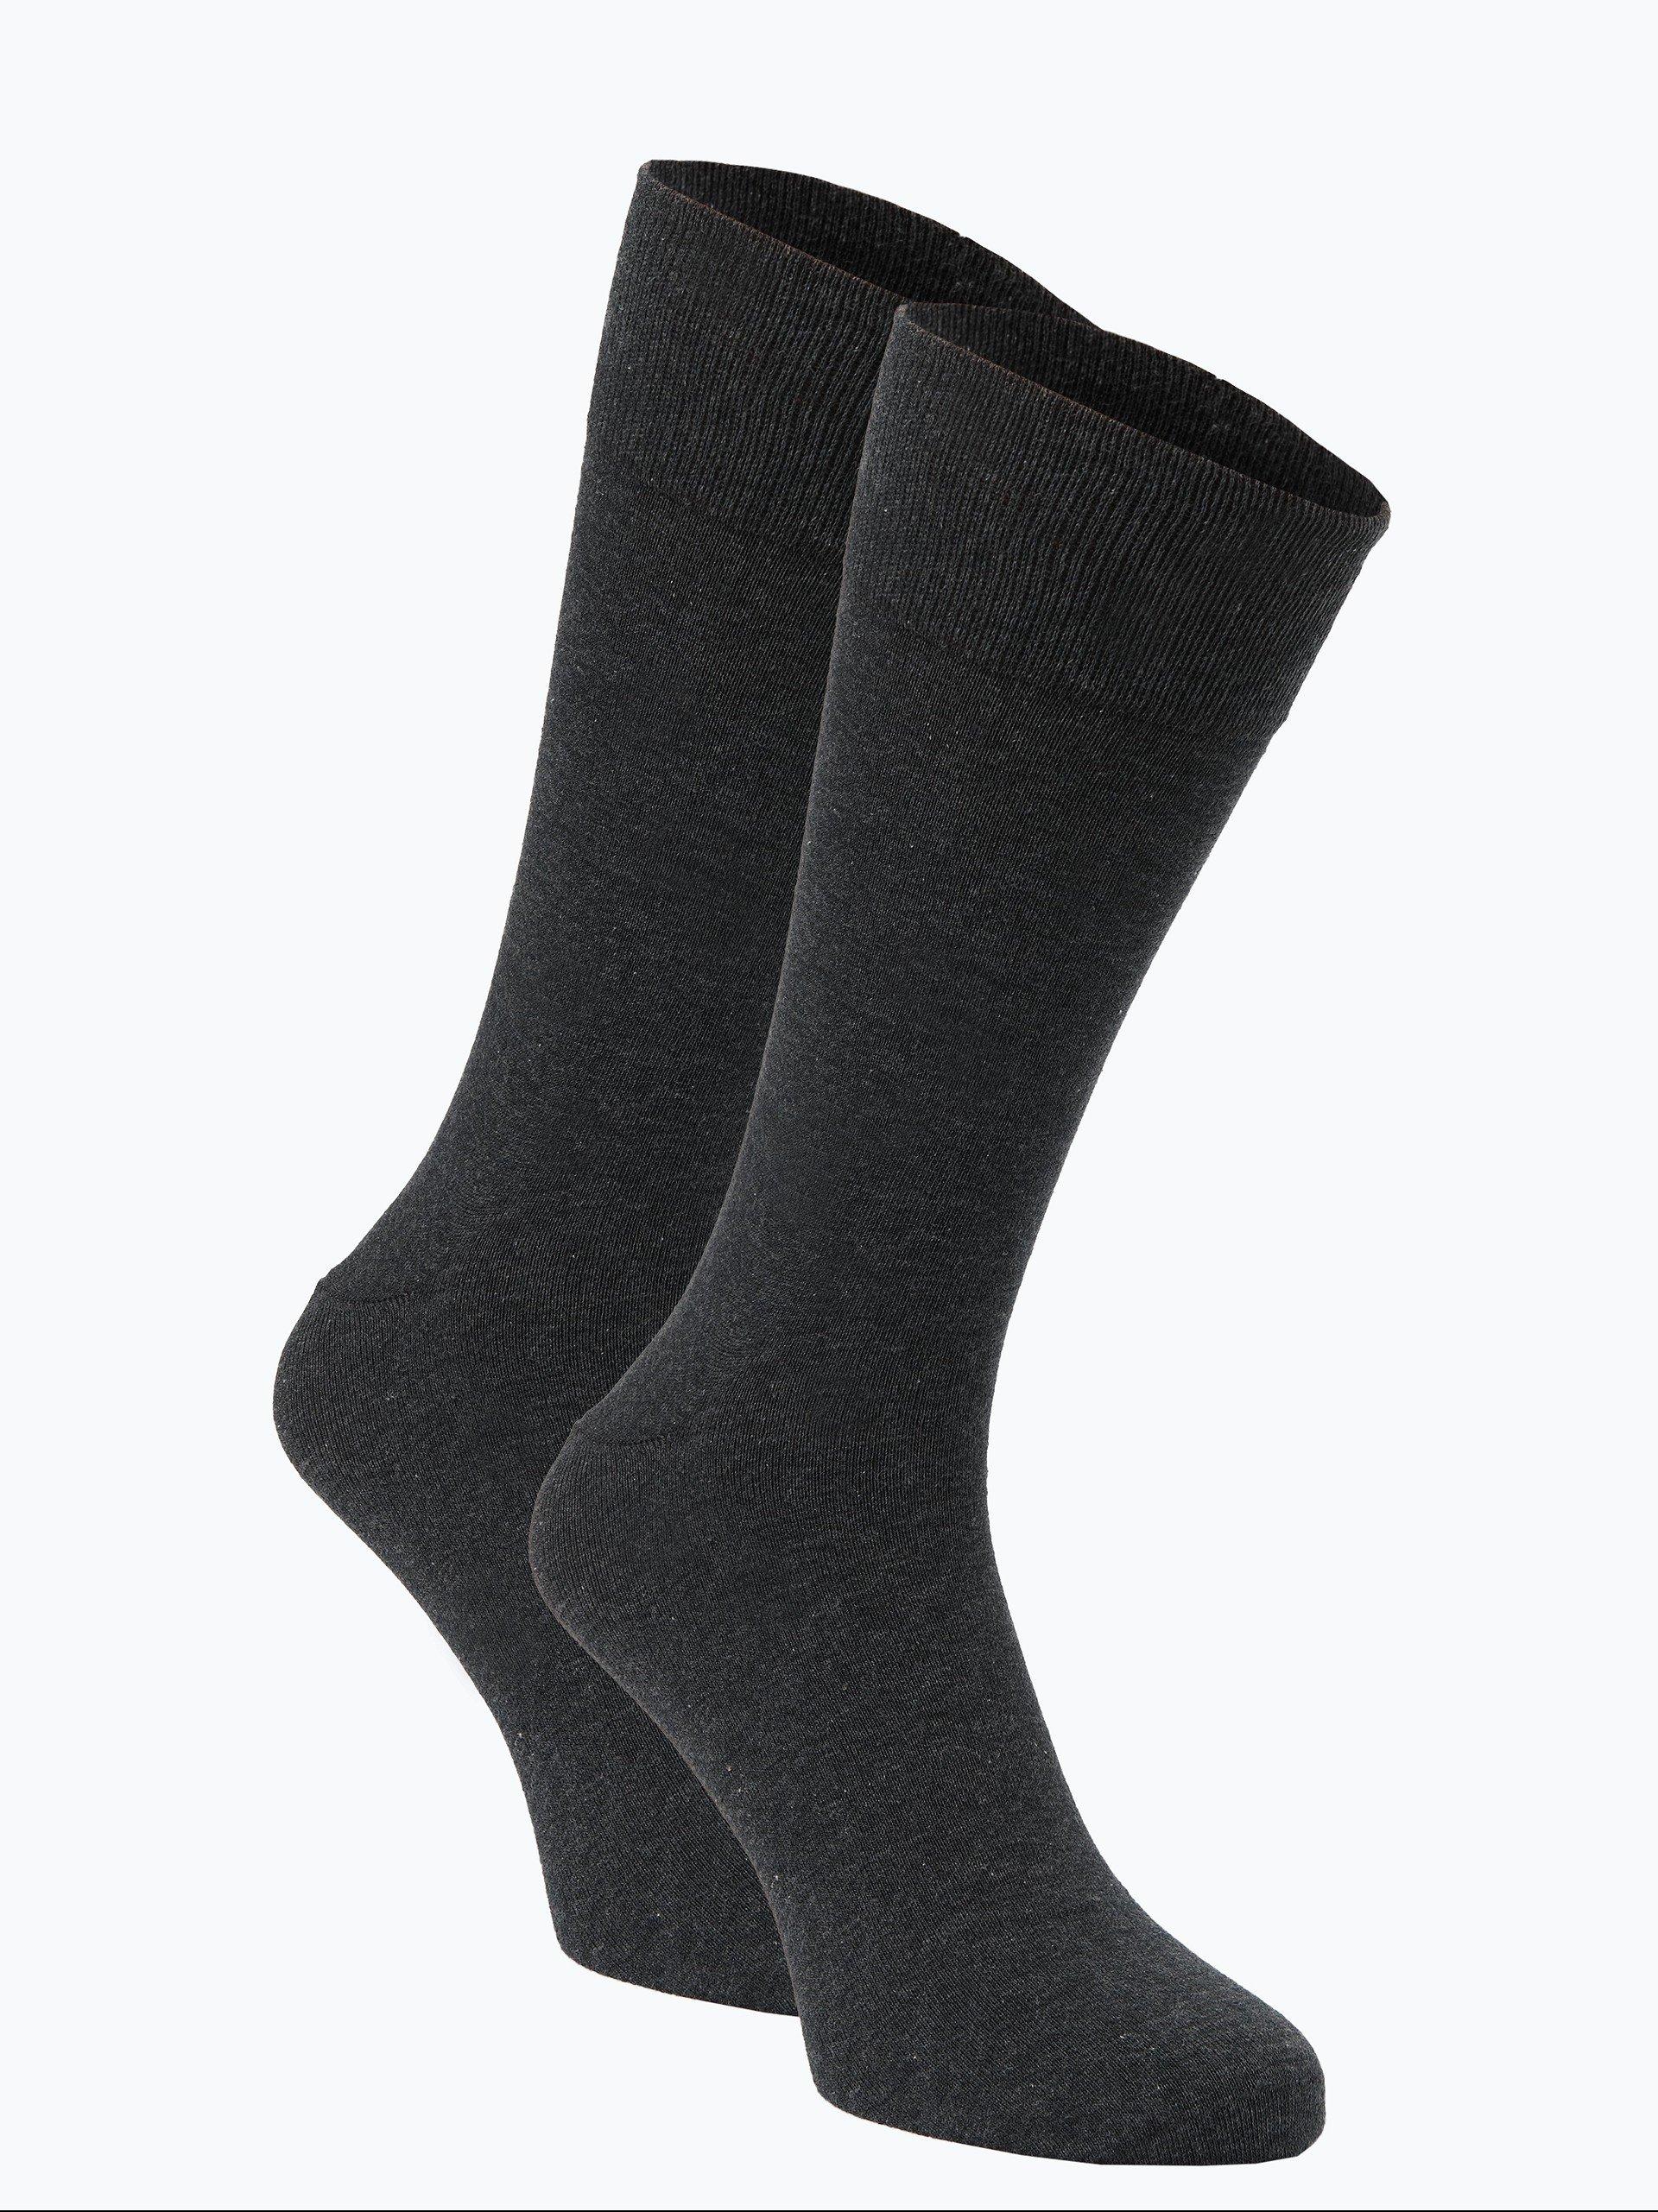 Finshley & Harding Herren Socken im 2er-Pack